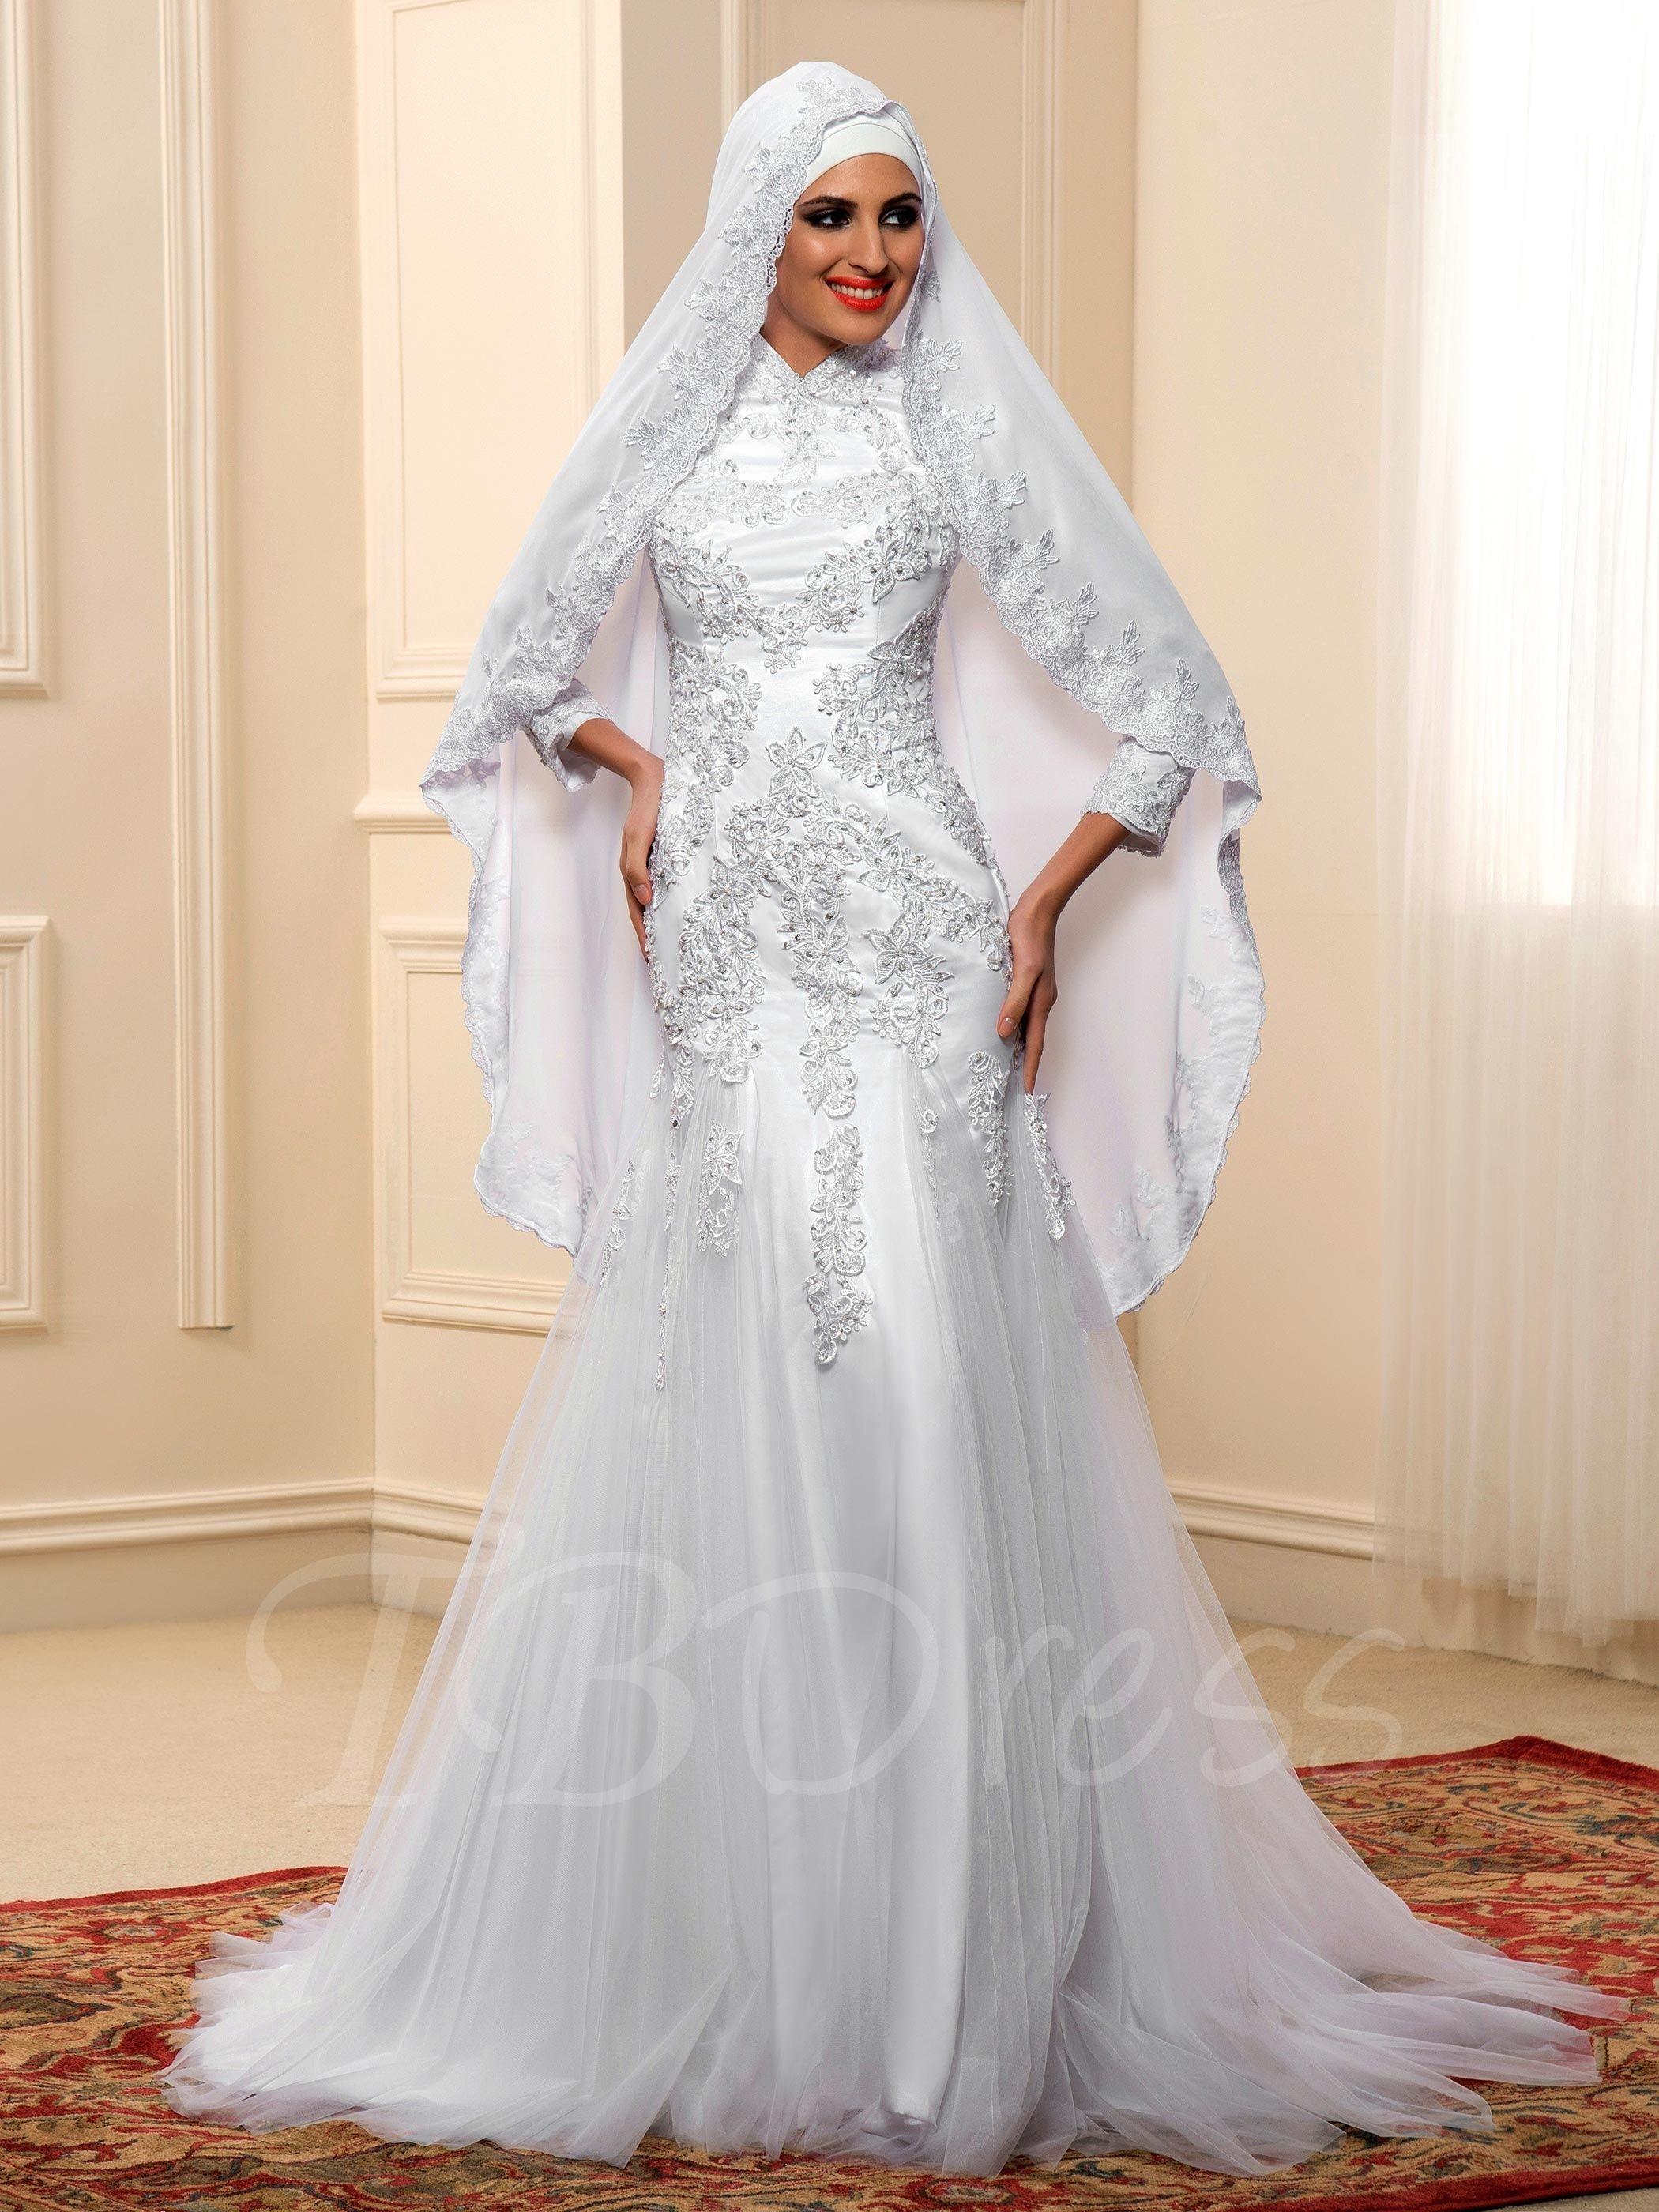 Image result for islamic wedding dresses Dresses Pinterest